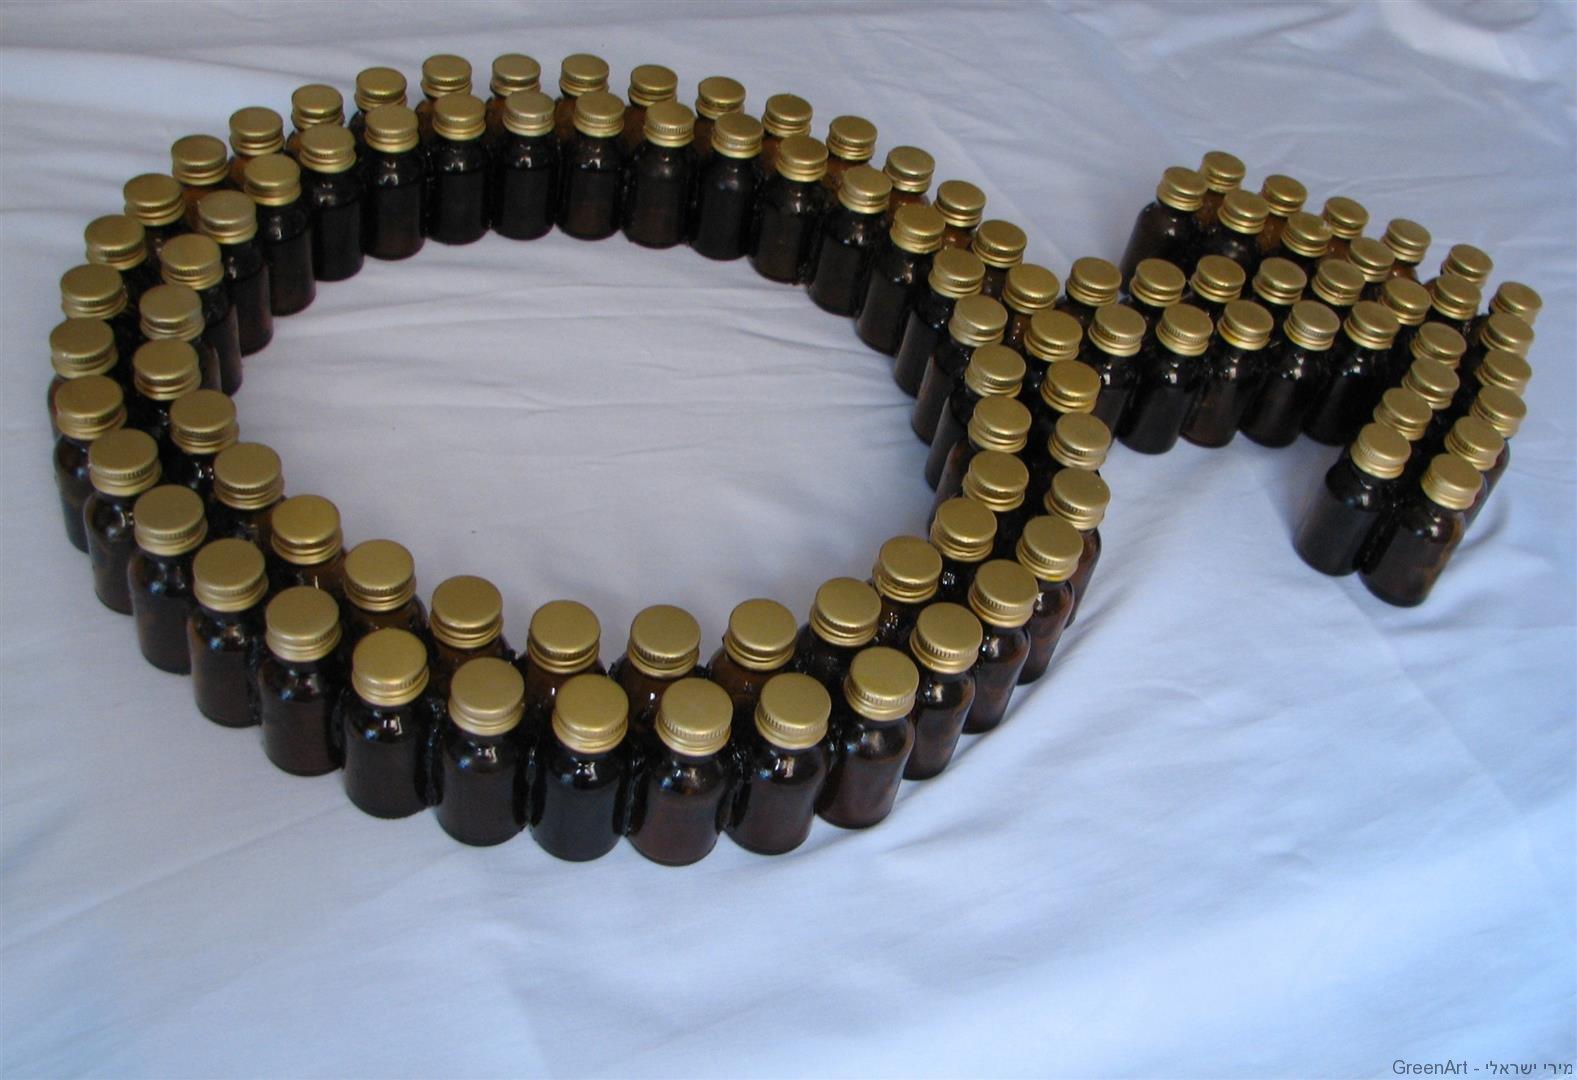 בקבוקי זכוכית עם מכסה זהב מסמלים את הגבר האוהב ממון